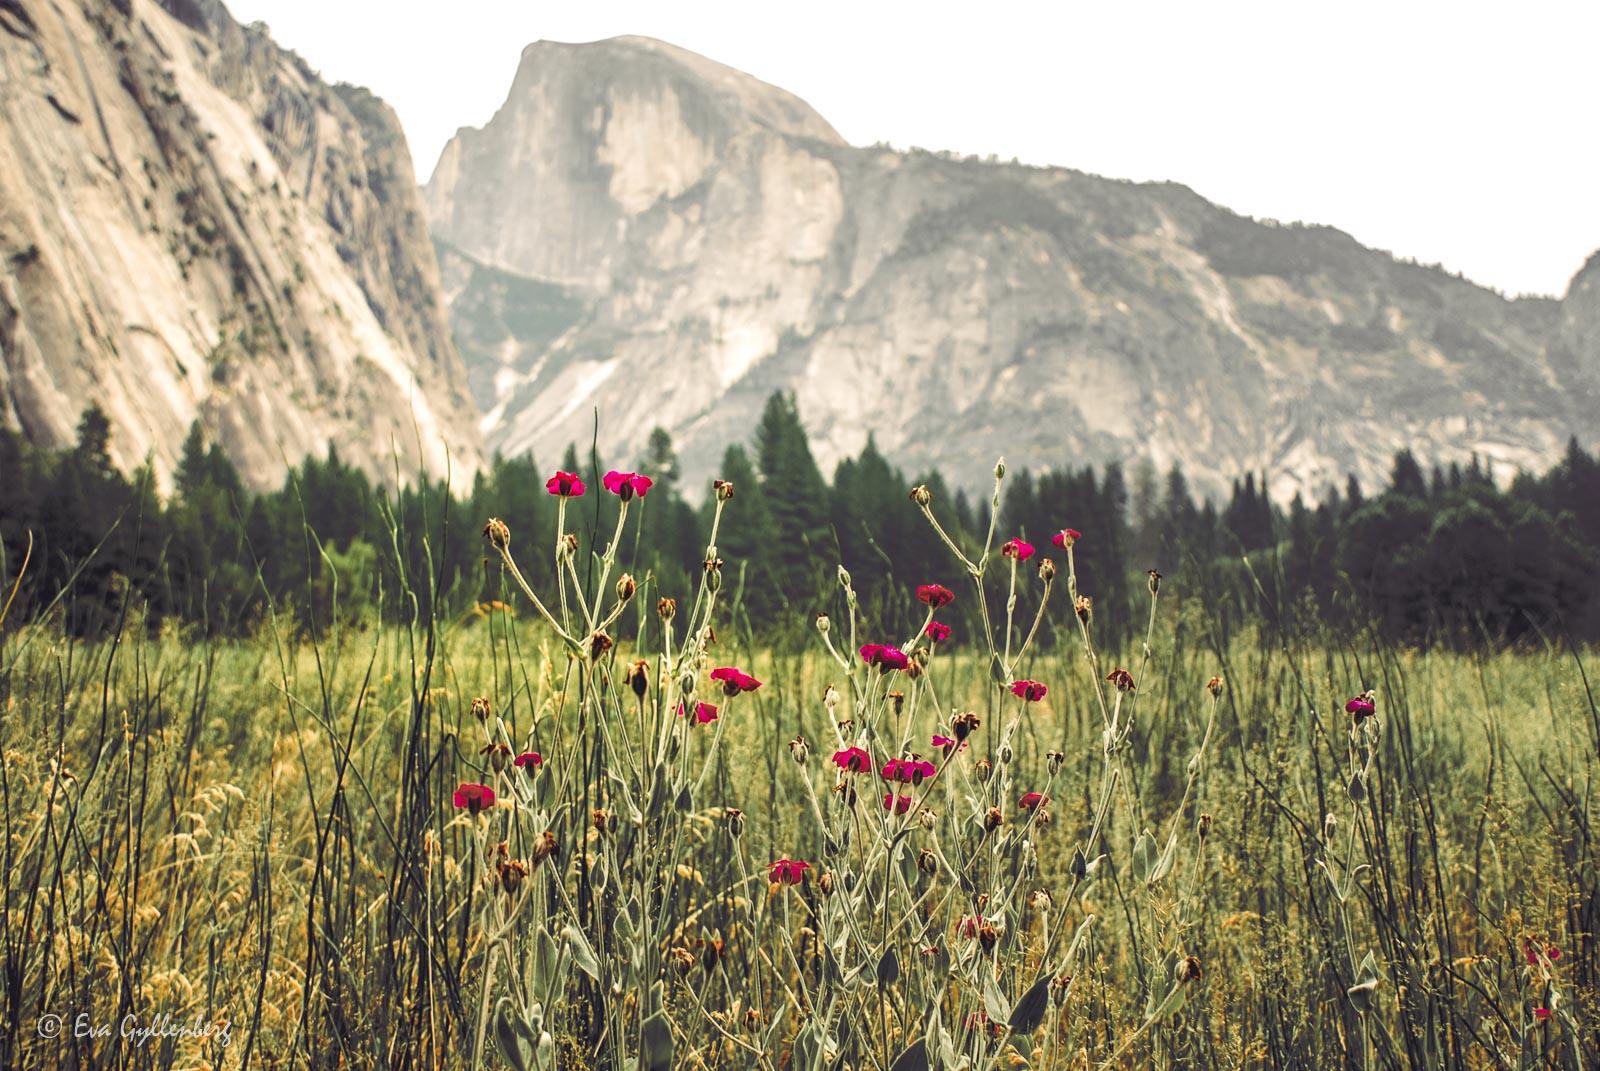 Bildsemester del 1 - Kalifornien i bilder 51